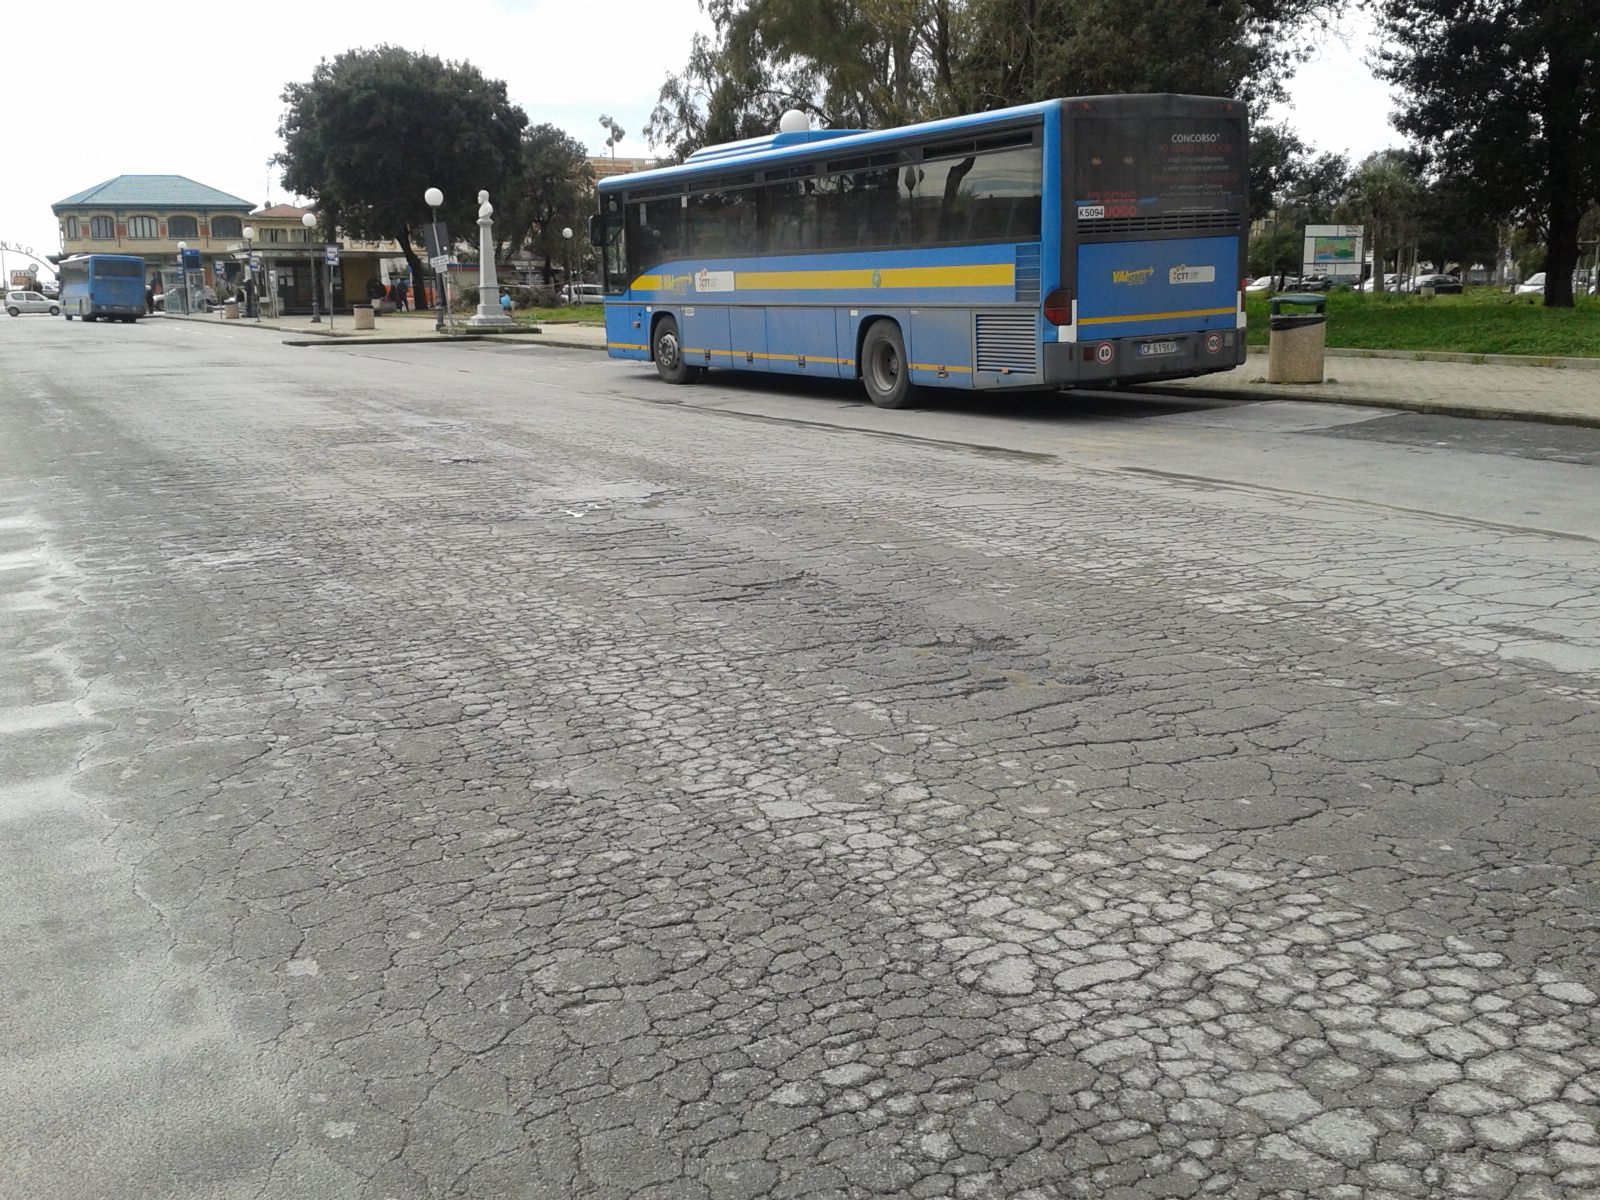 """Conducente del bus aggredito da rom, il movimento 5 stelle: """"Troppa violenza a Viareggio, arrestare l'escalation"""""""